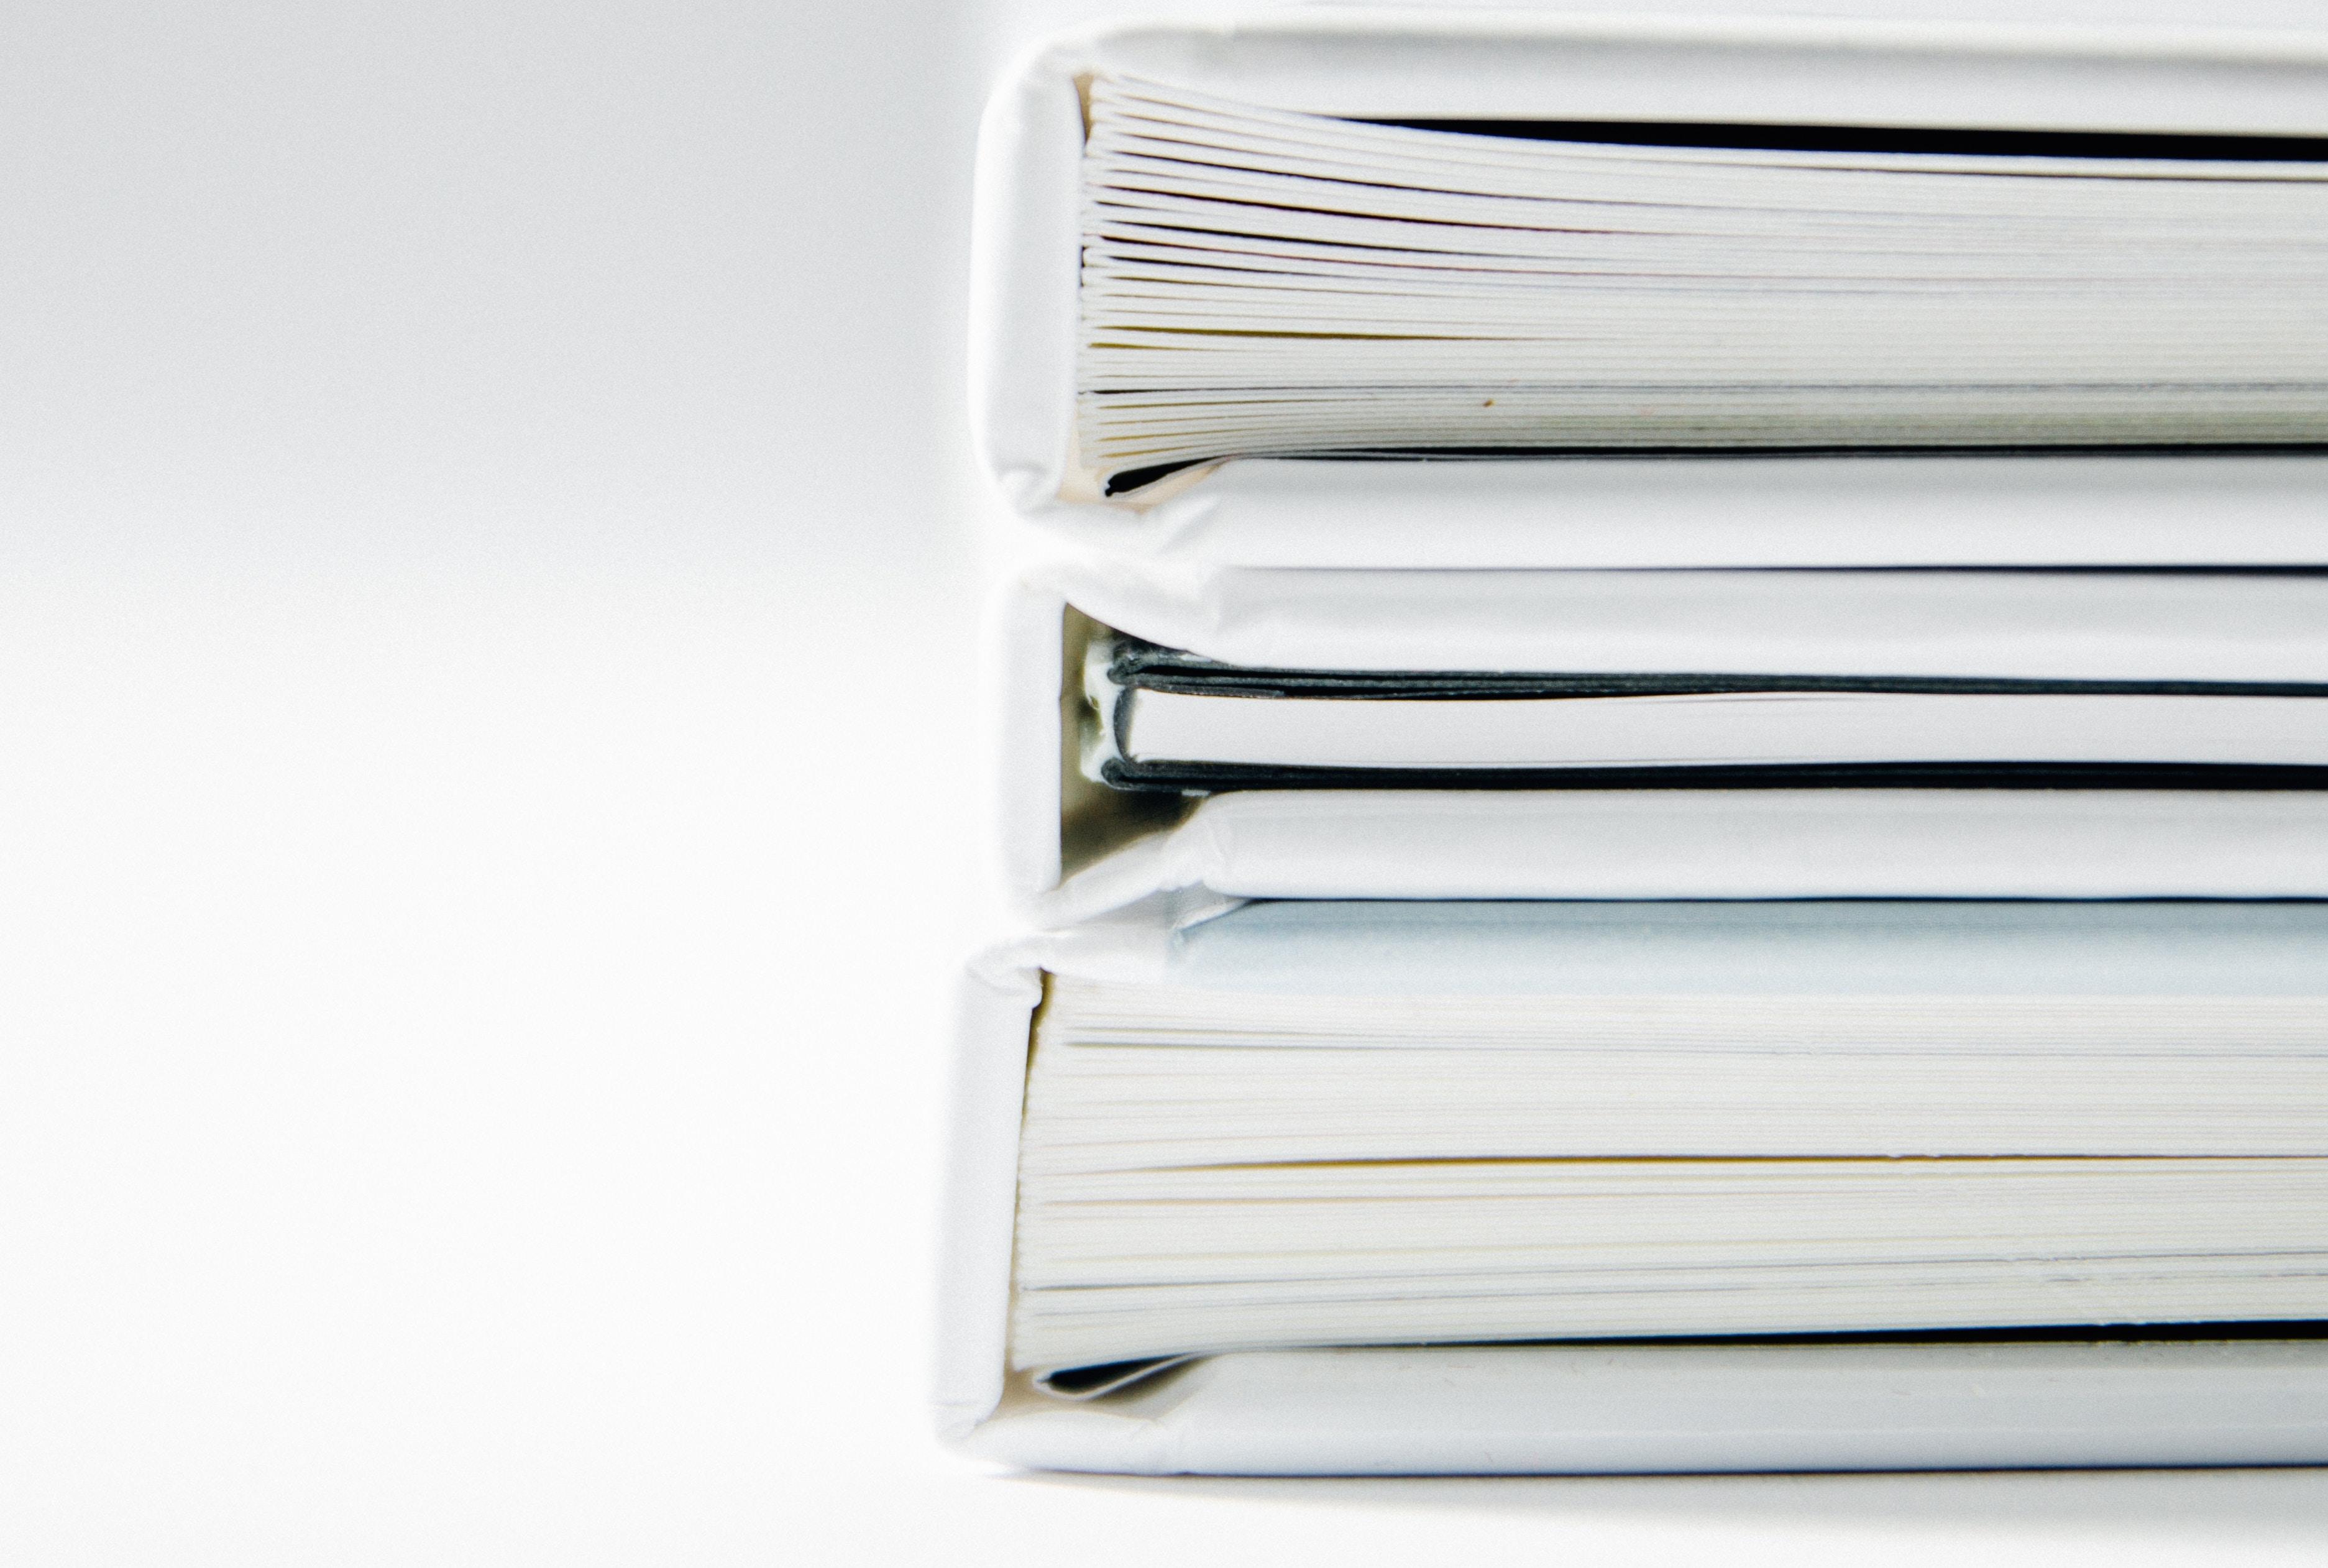 Destrucción de documentación confidencial, vital para cumplir la LOPD